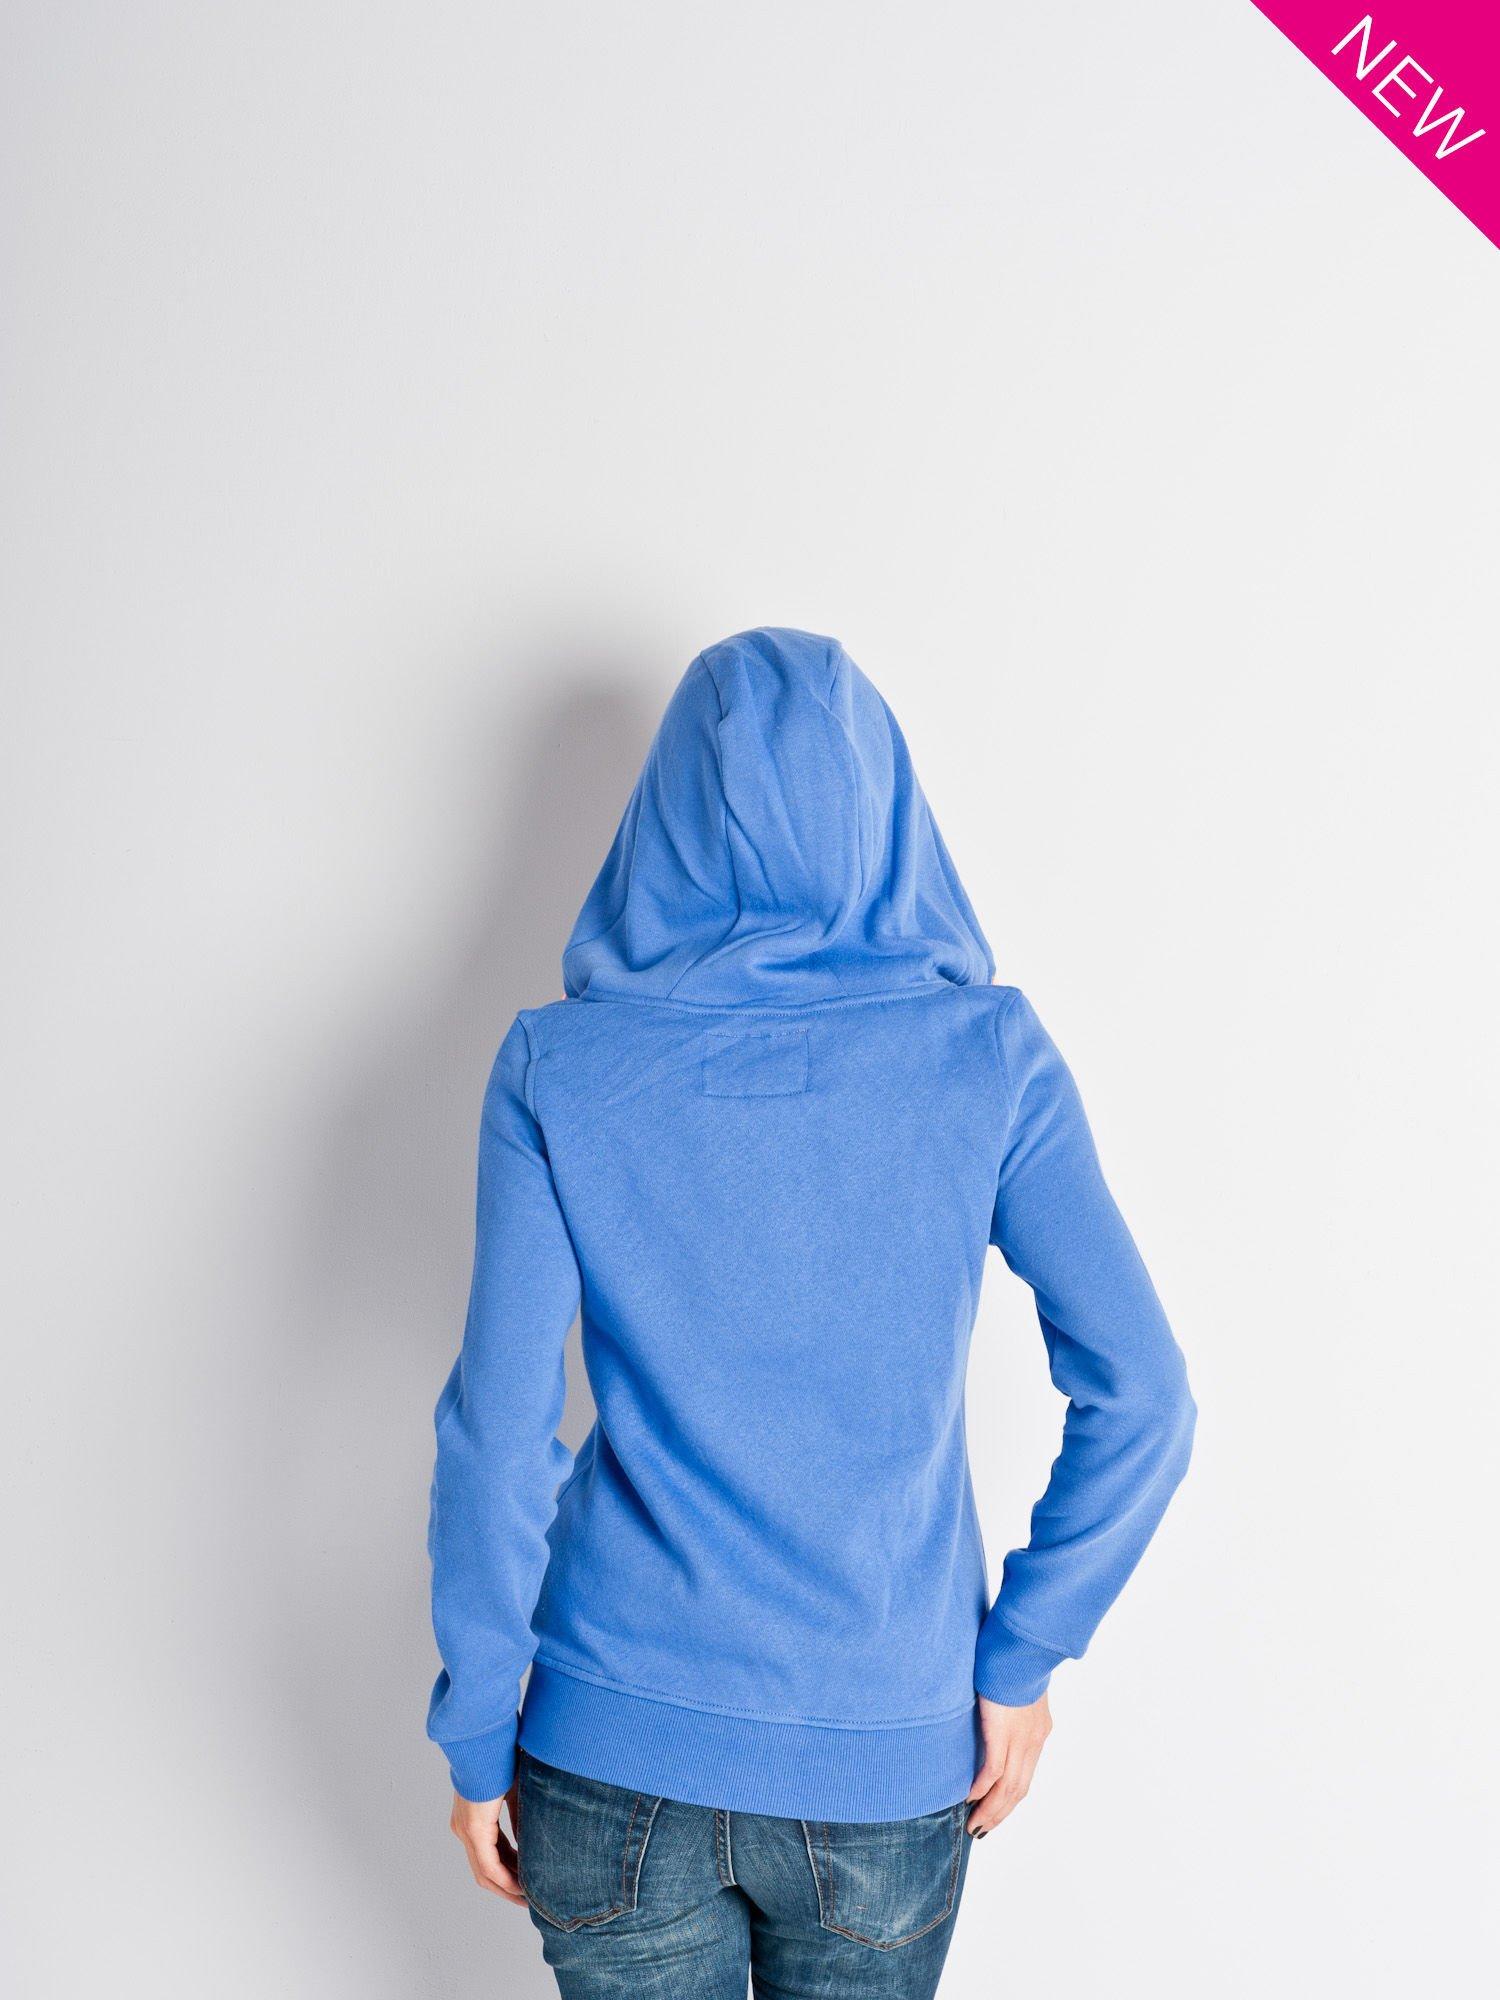 Jasnoniebieska dresowa bluza sportowa z kapturem                                  zdj.                                  3